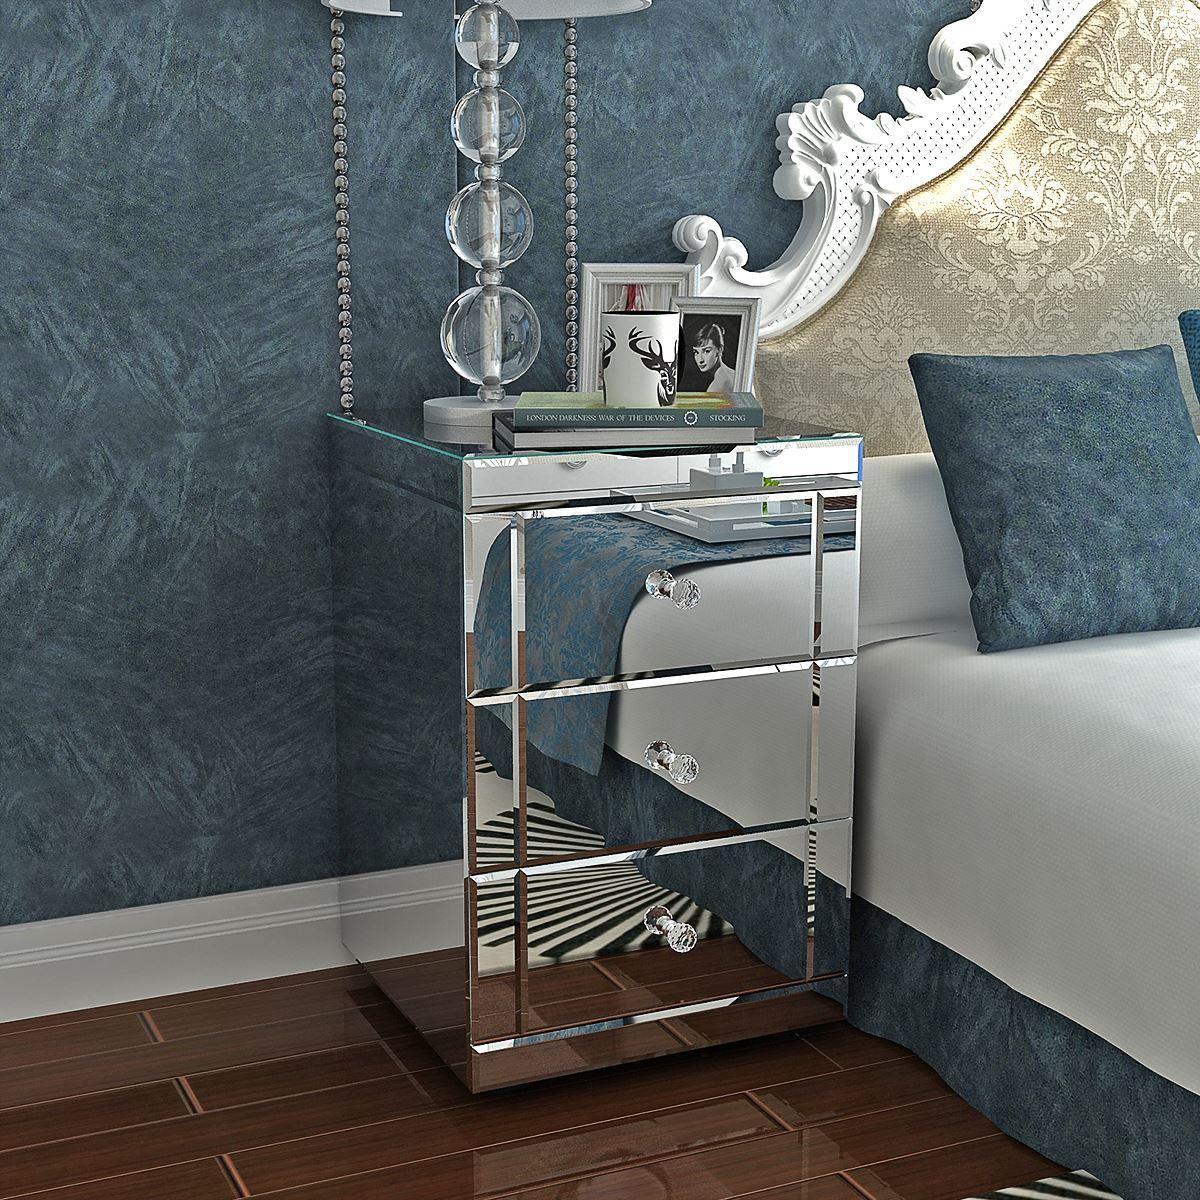 Panana зеркальный прикроватный шкаф/прикроватный столик/комод из 3 ящиков тумбочка для спальни